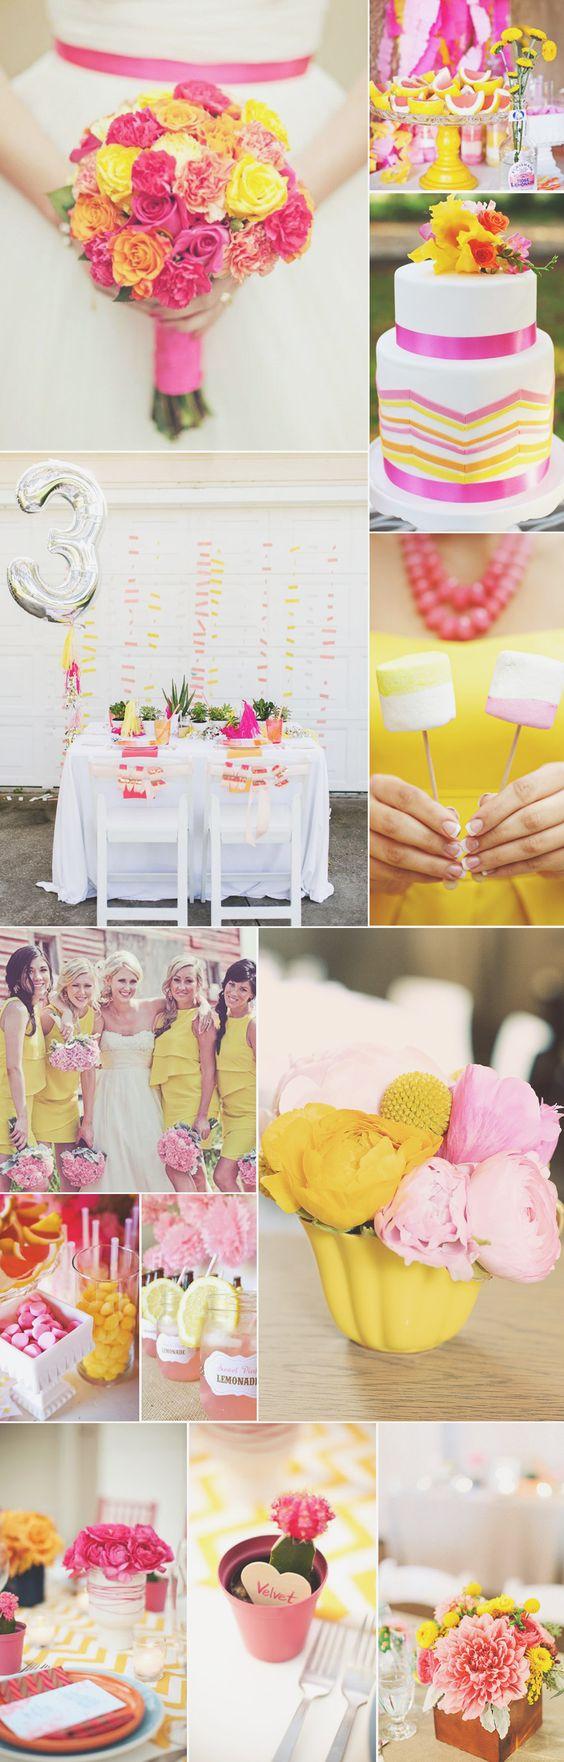 Inspire-se: ideias para casamento rosa pink e amarelo: